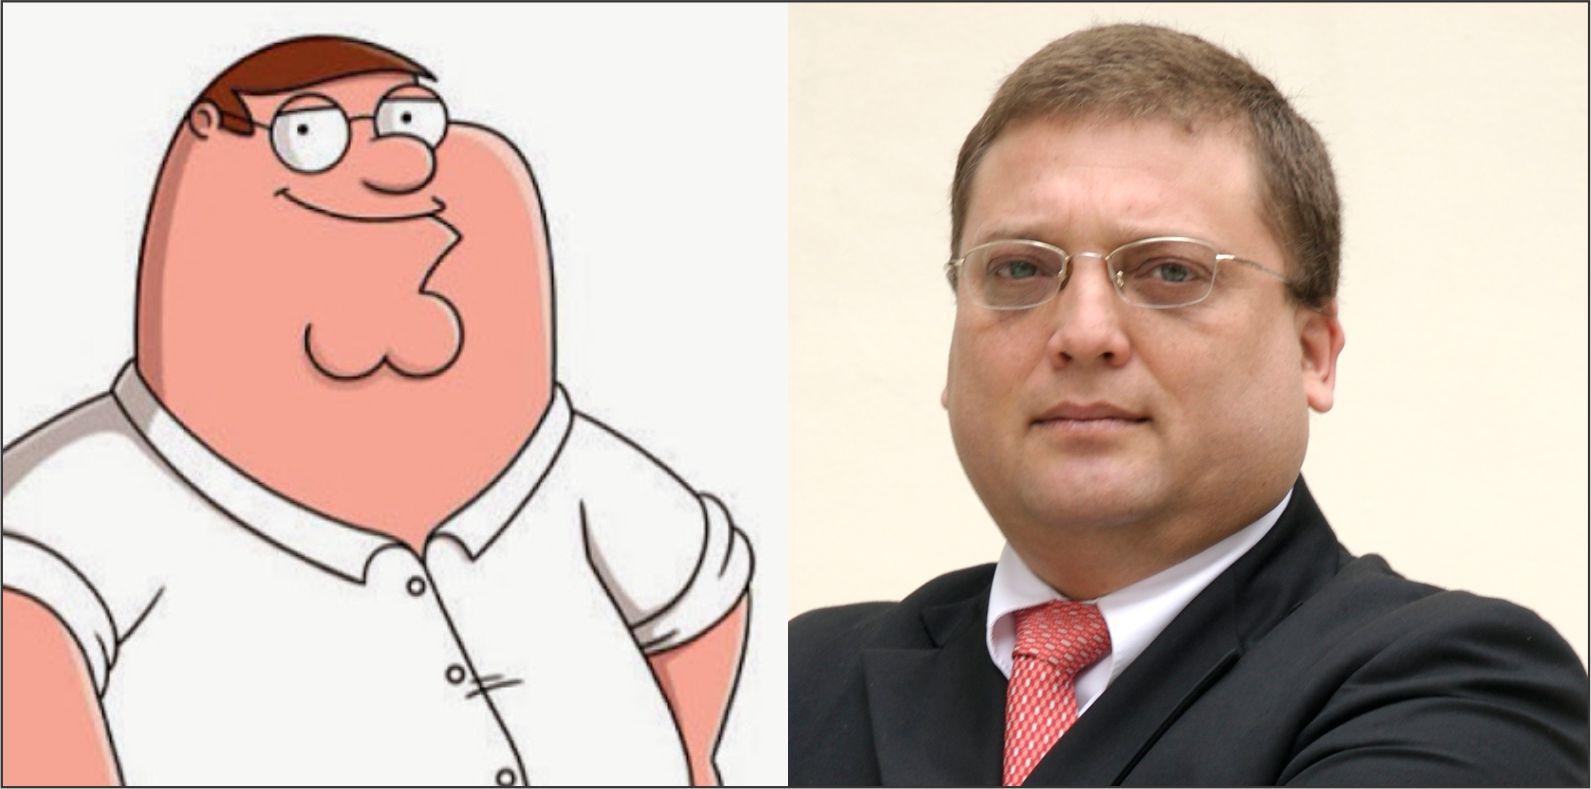 Lo siento, lo tenía que poner aquí. Sorry Peter.